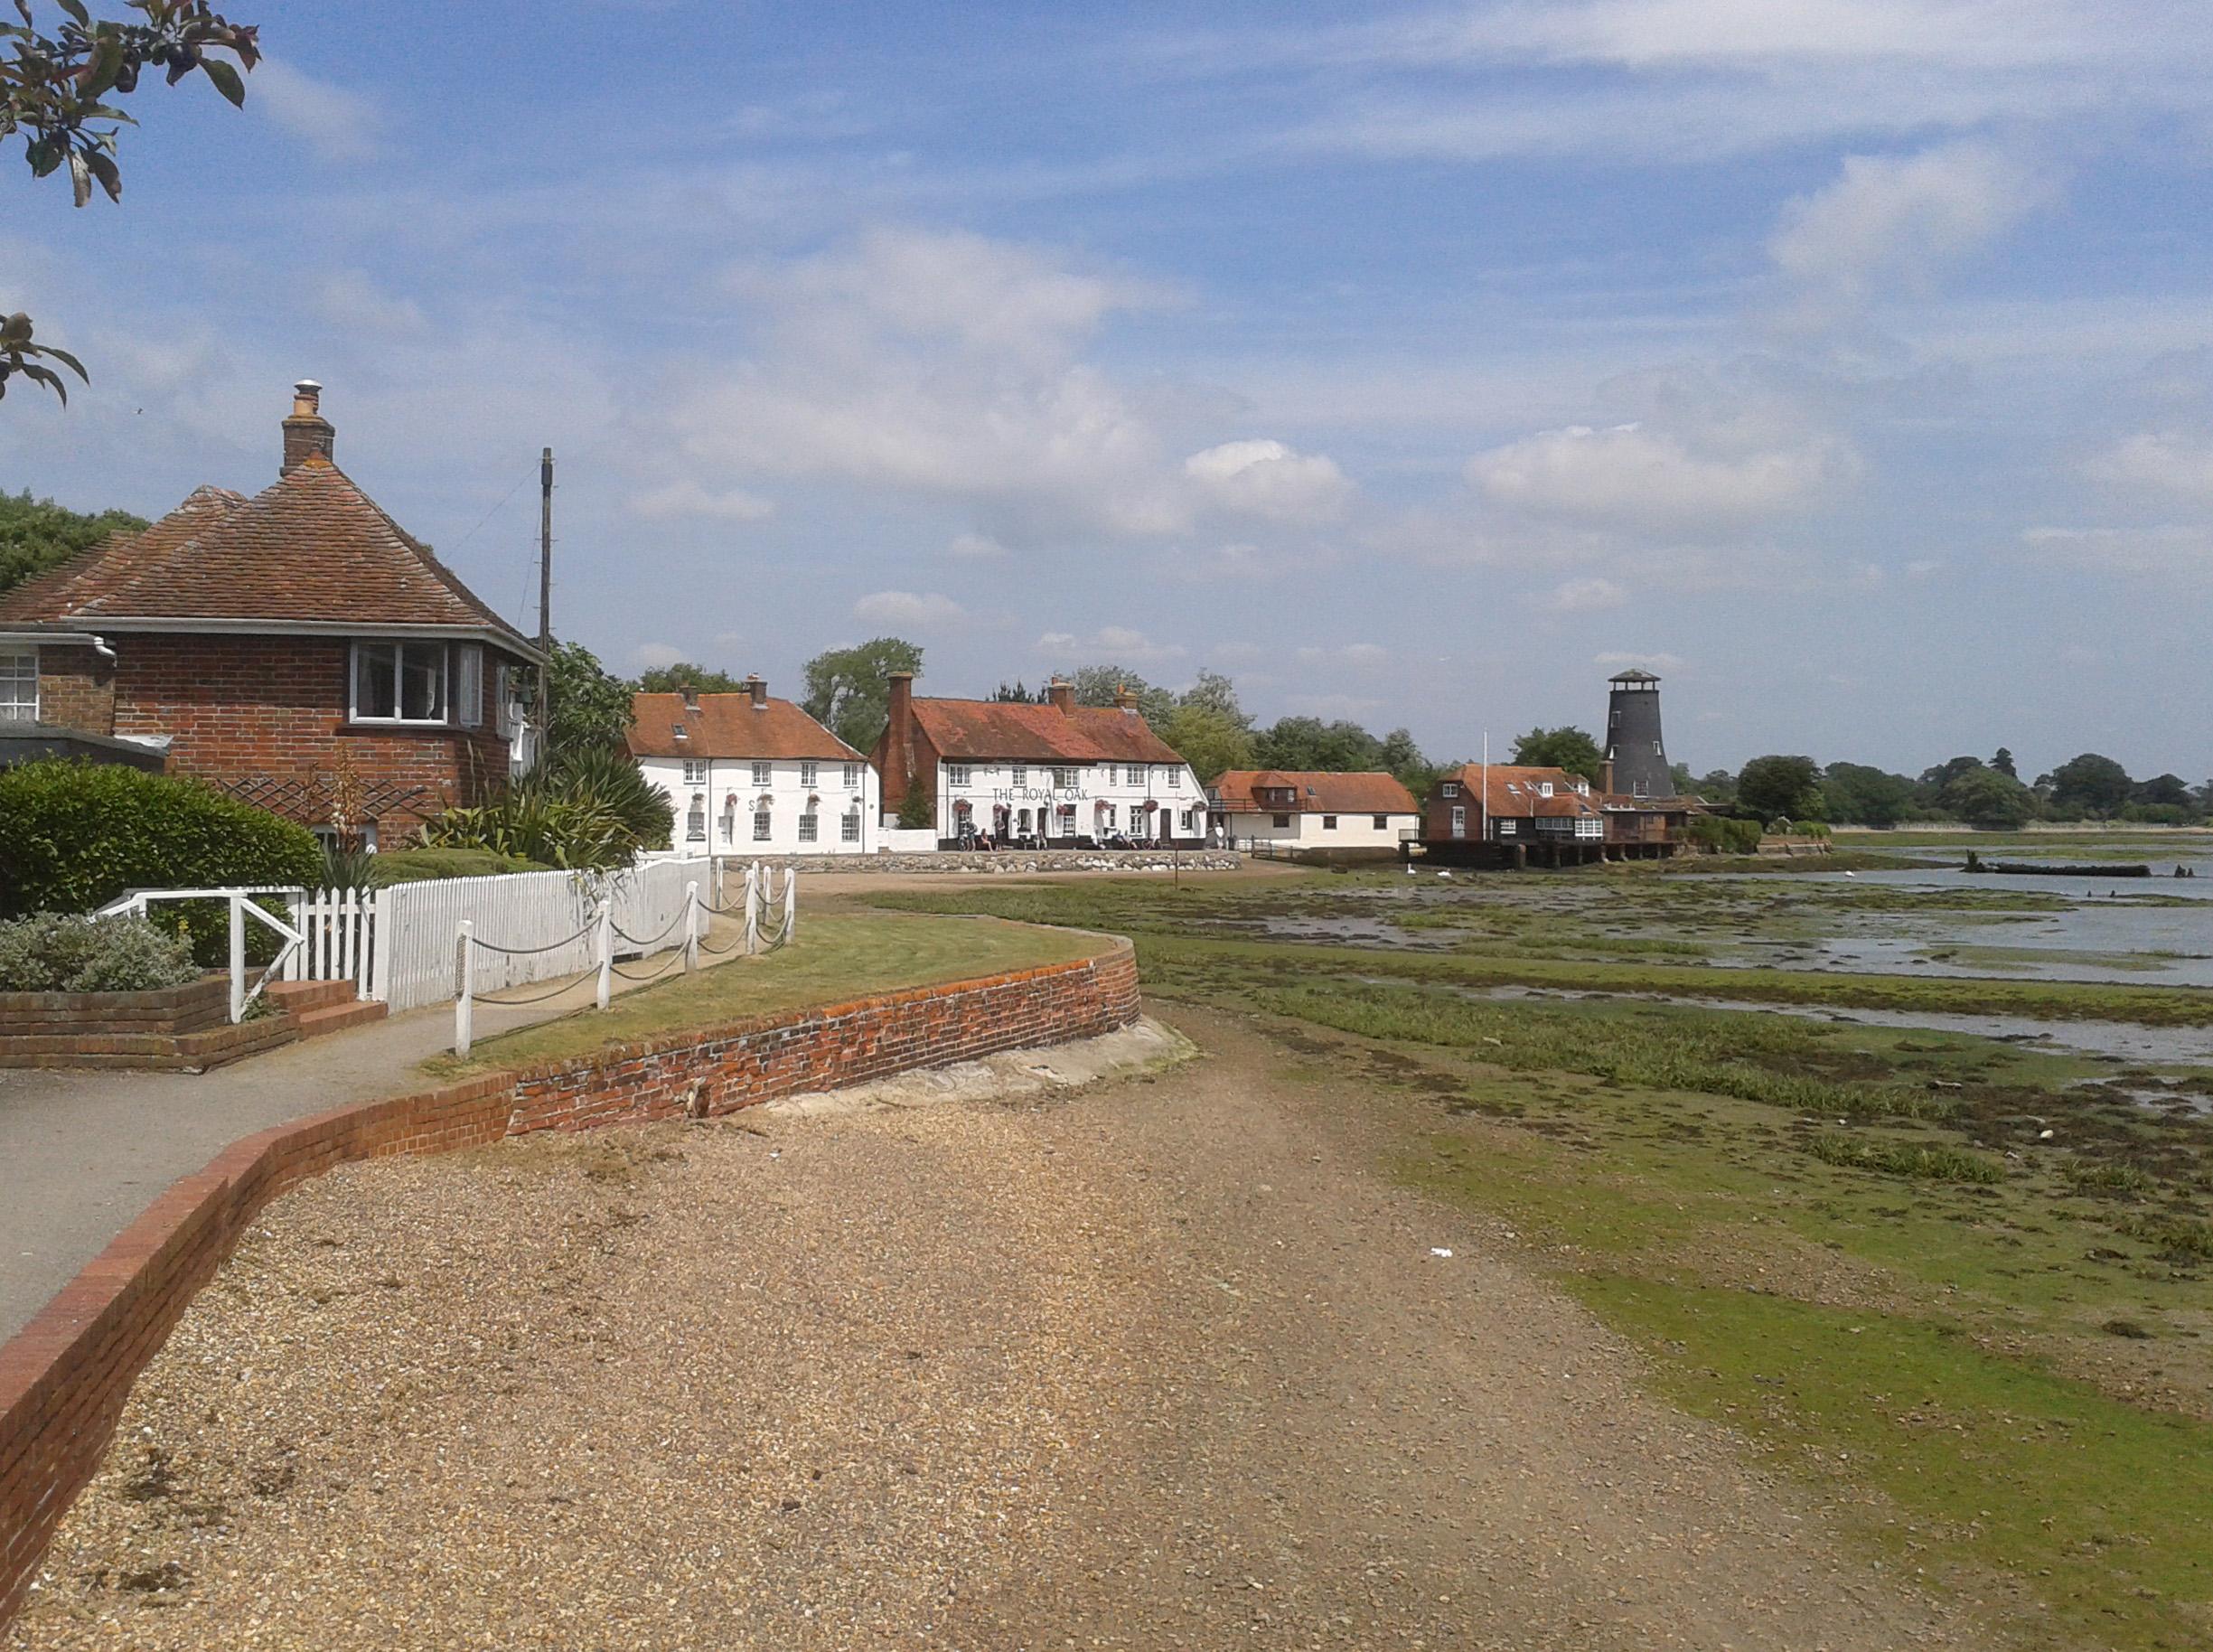 The Royal Oak, Langstone